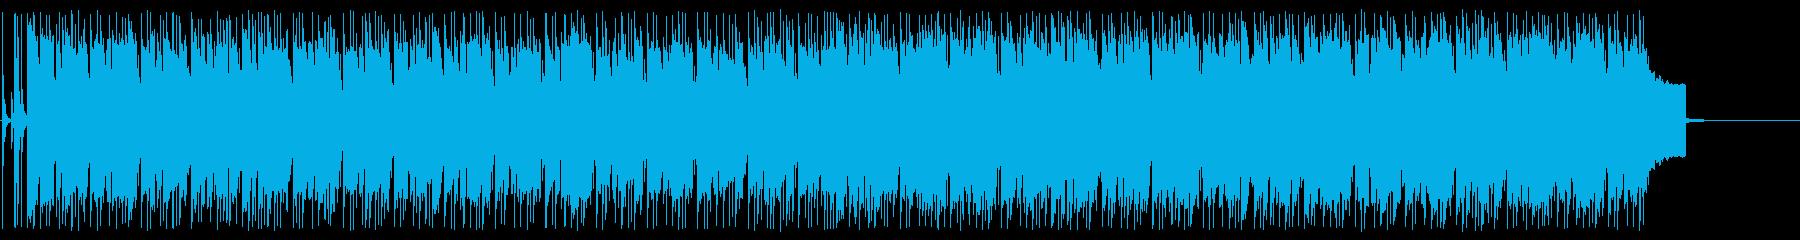 インフォメーション ゆったり 情報 CMの再生済みの波形